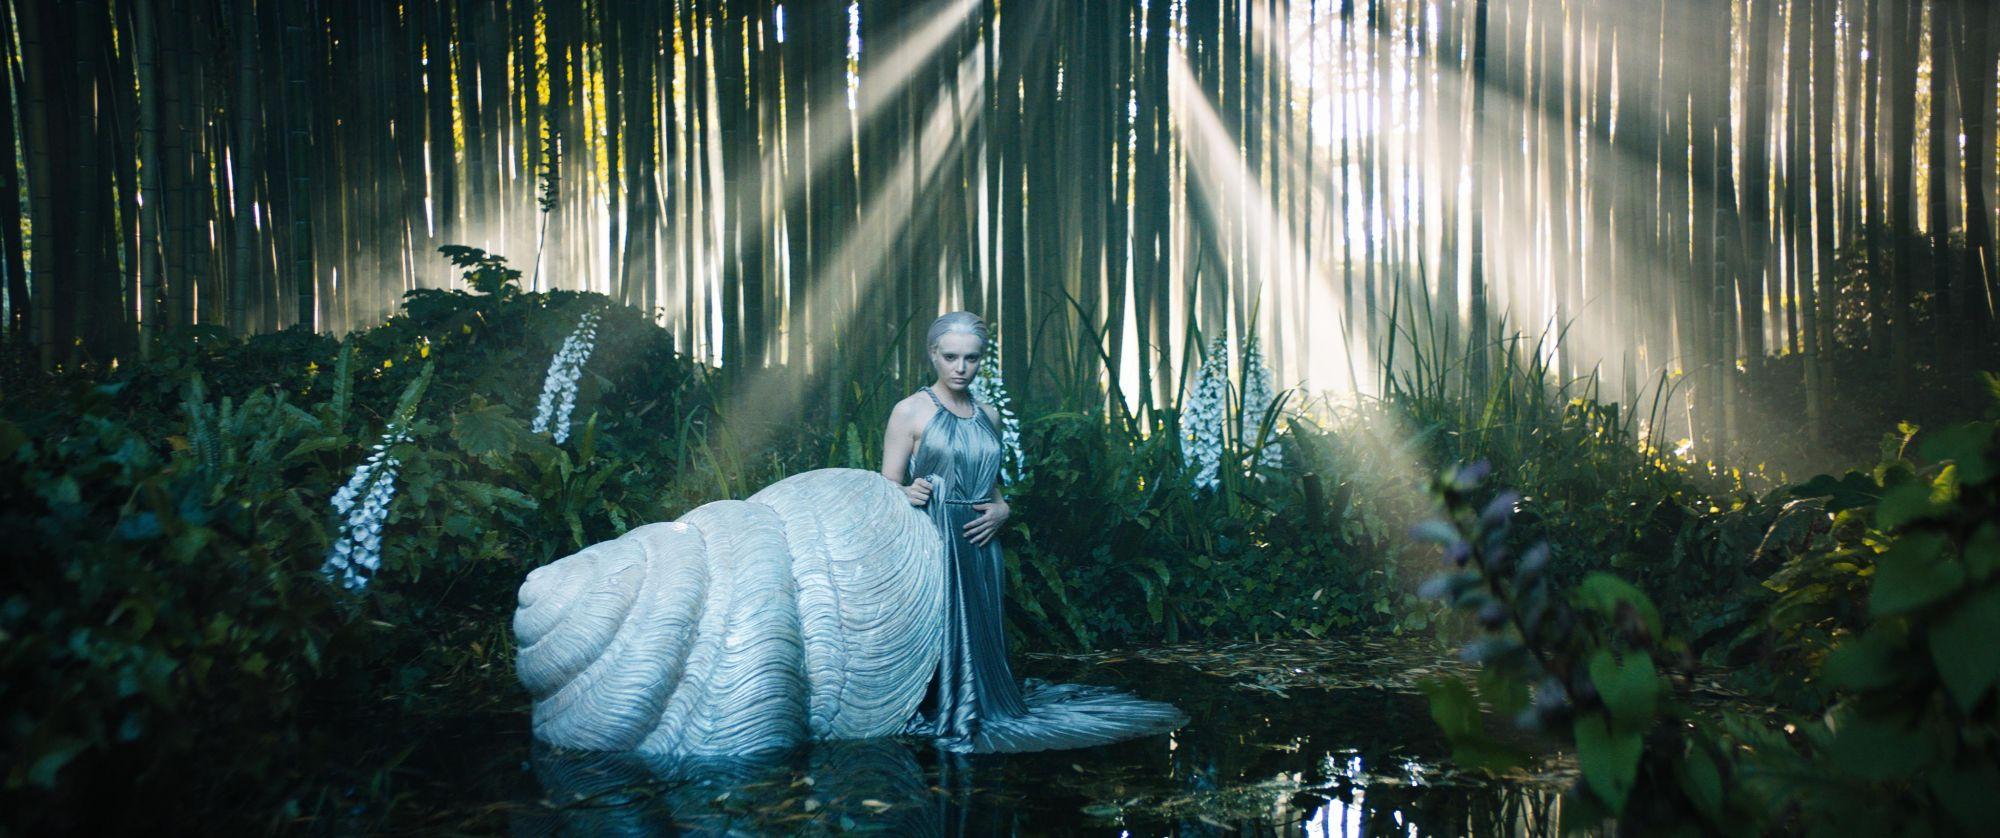 夢幻指數爆表!Dior 以「微型服裝」呈現 2020秋冬高級訂製服系列,藝術家與超現實主義工作者捍衛女性意識之作